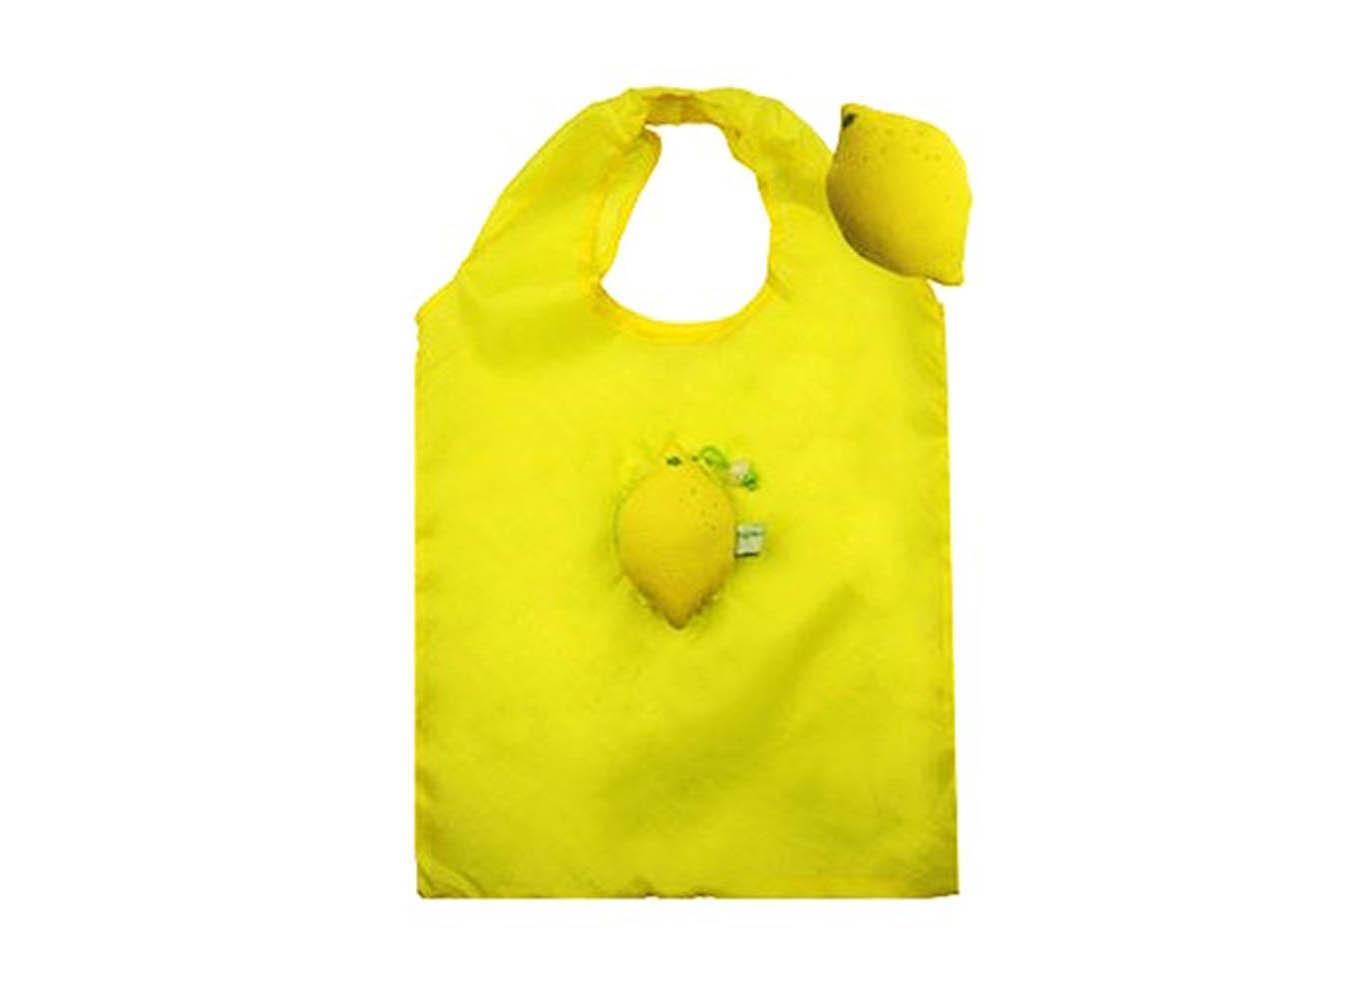 Custom RPET Lemon Shaped Fold Up Bag